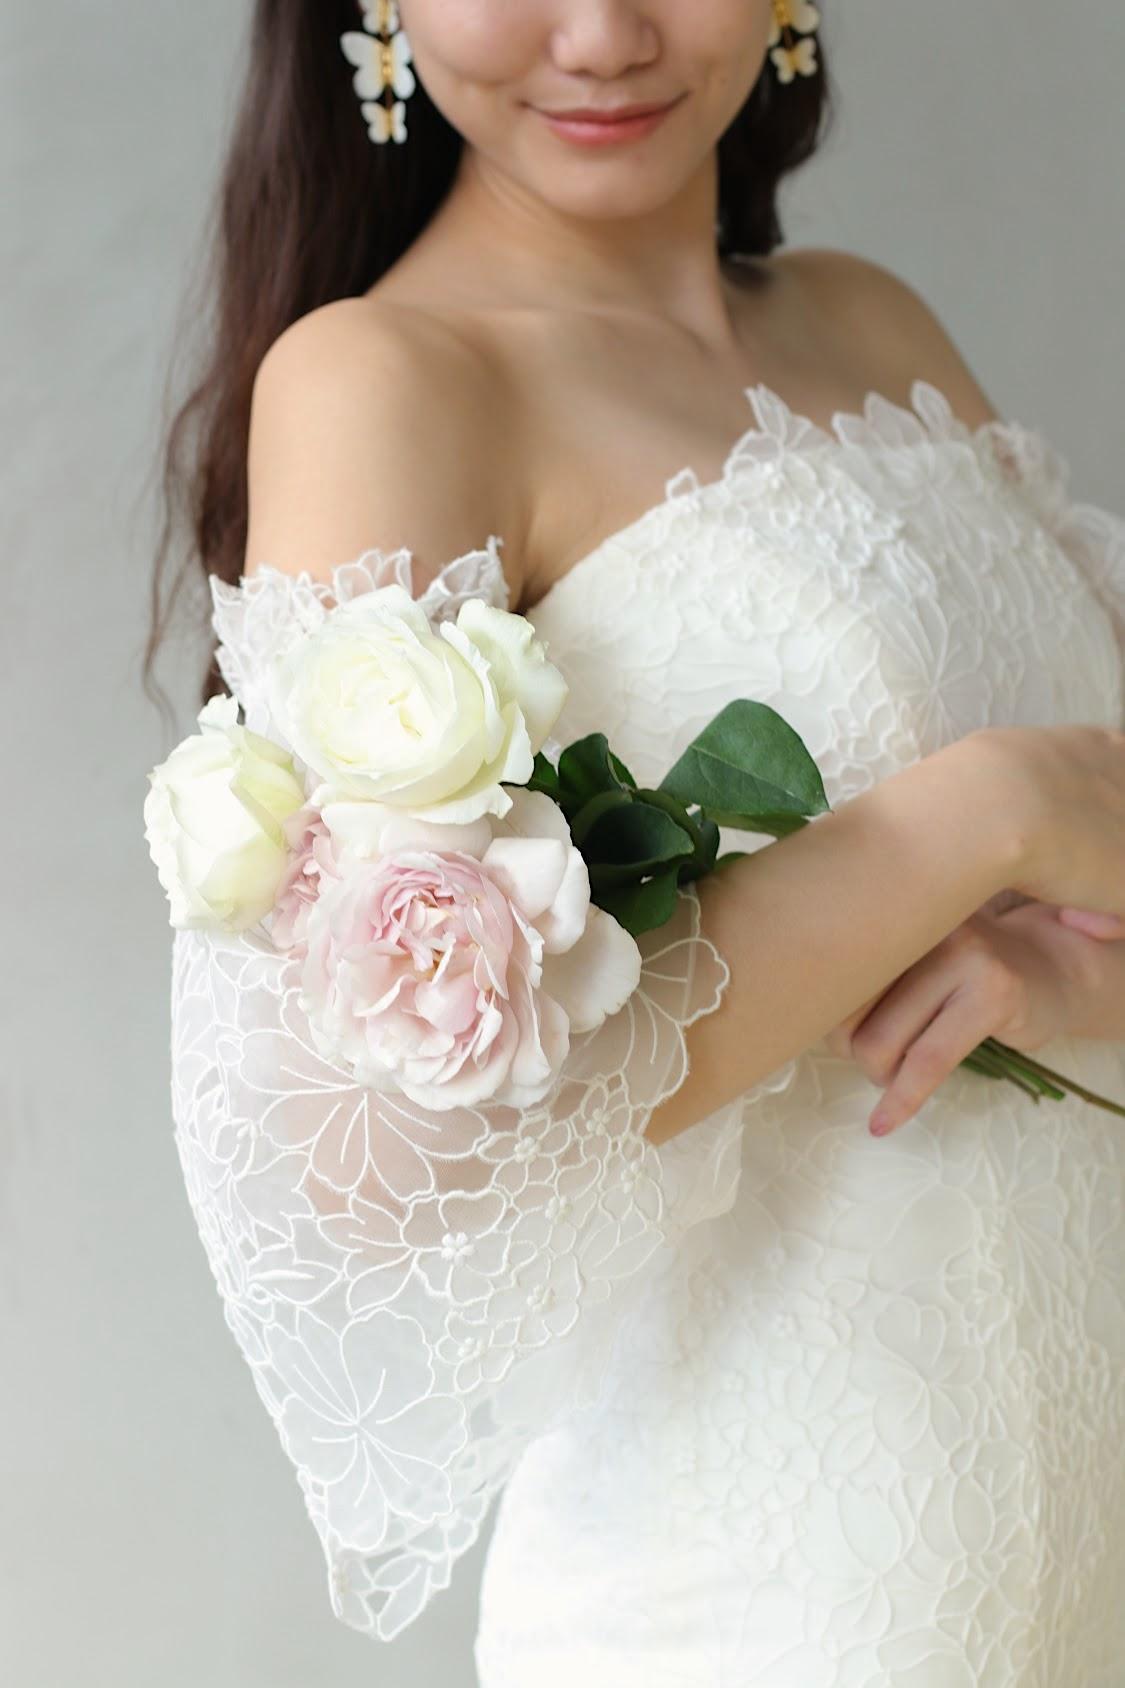 パレスホテル東京などの一流ホテルでの結婚式に人気のブランド キャロリーナ・ヘレラの新作のウェディングドレスは、トレンドの取り外しできるベルスリーブのデザインなので、二の腕が細く見える効果があり、ブーケを抱えた仕草が可憐で華やかになります